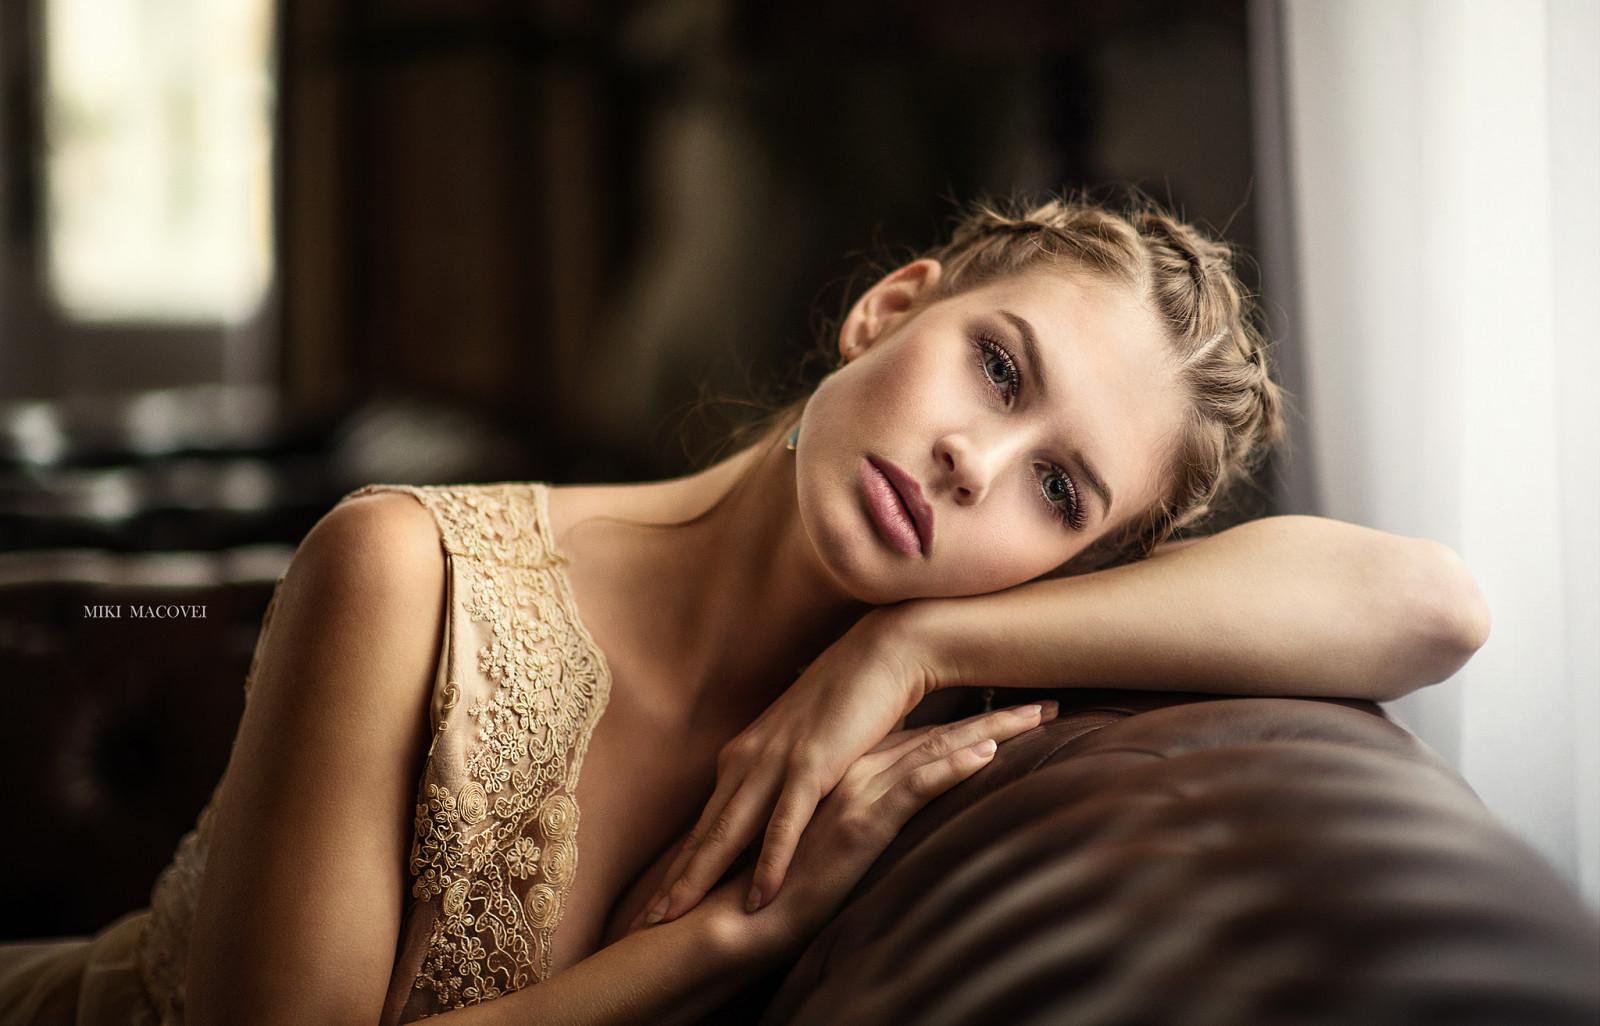 Hintergrundbilder : Frau, blond, Porträt, Tiefenschärfe